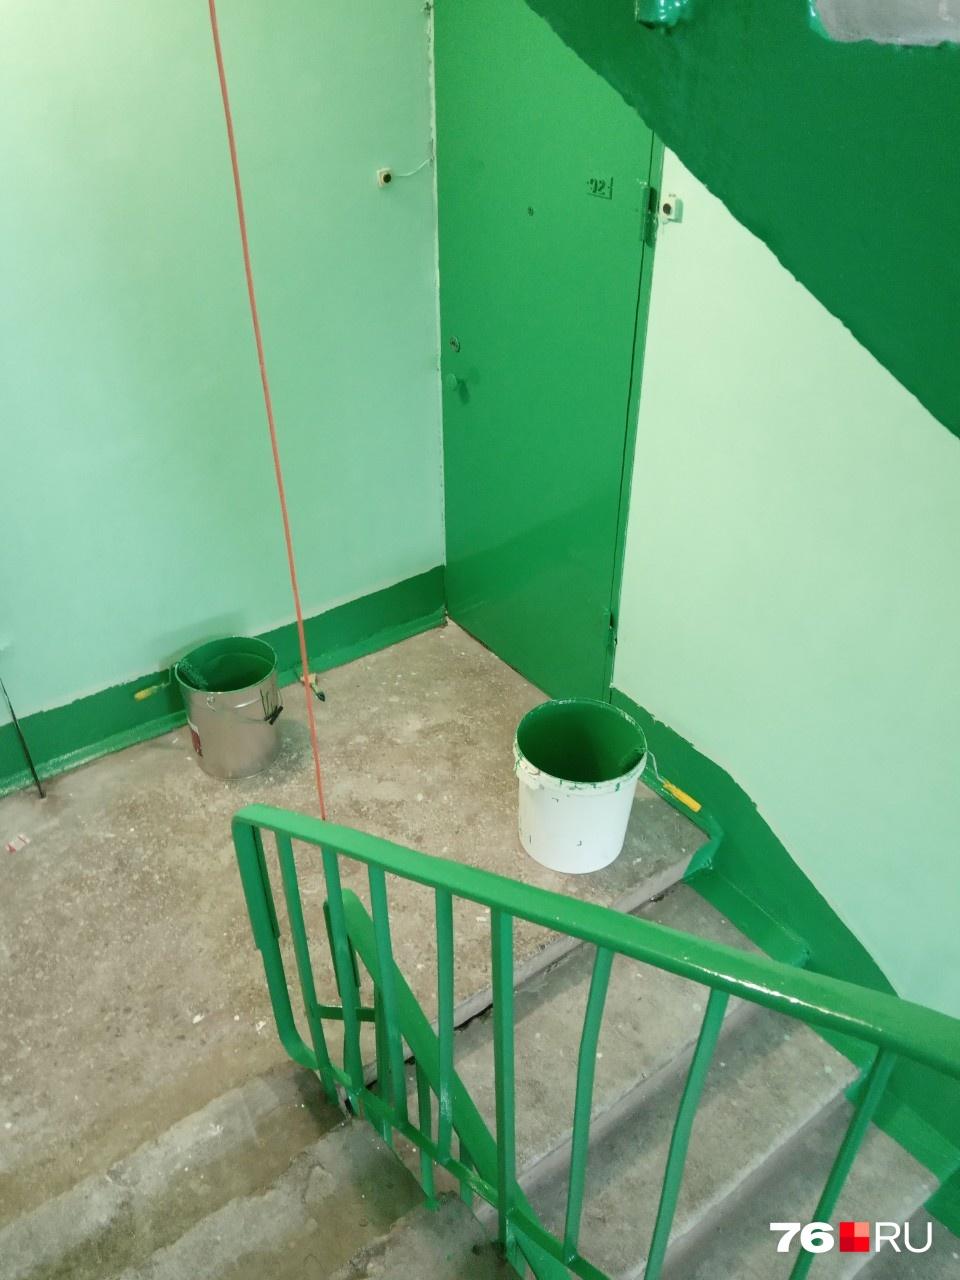 Двери и перила покрасили в ярко-зеленый цвет